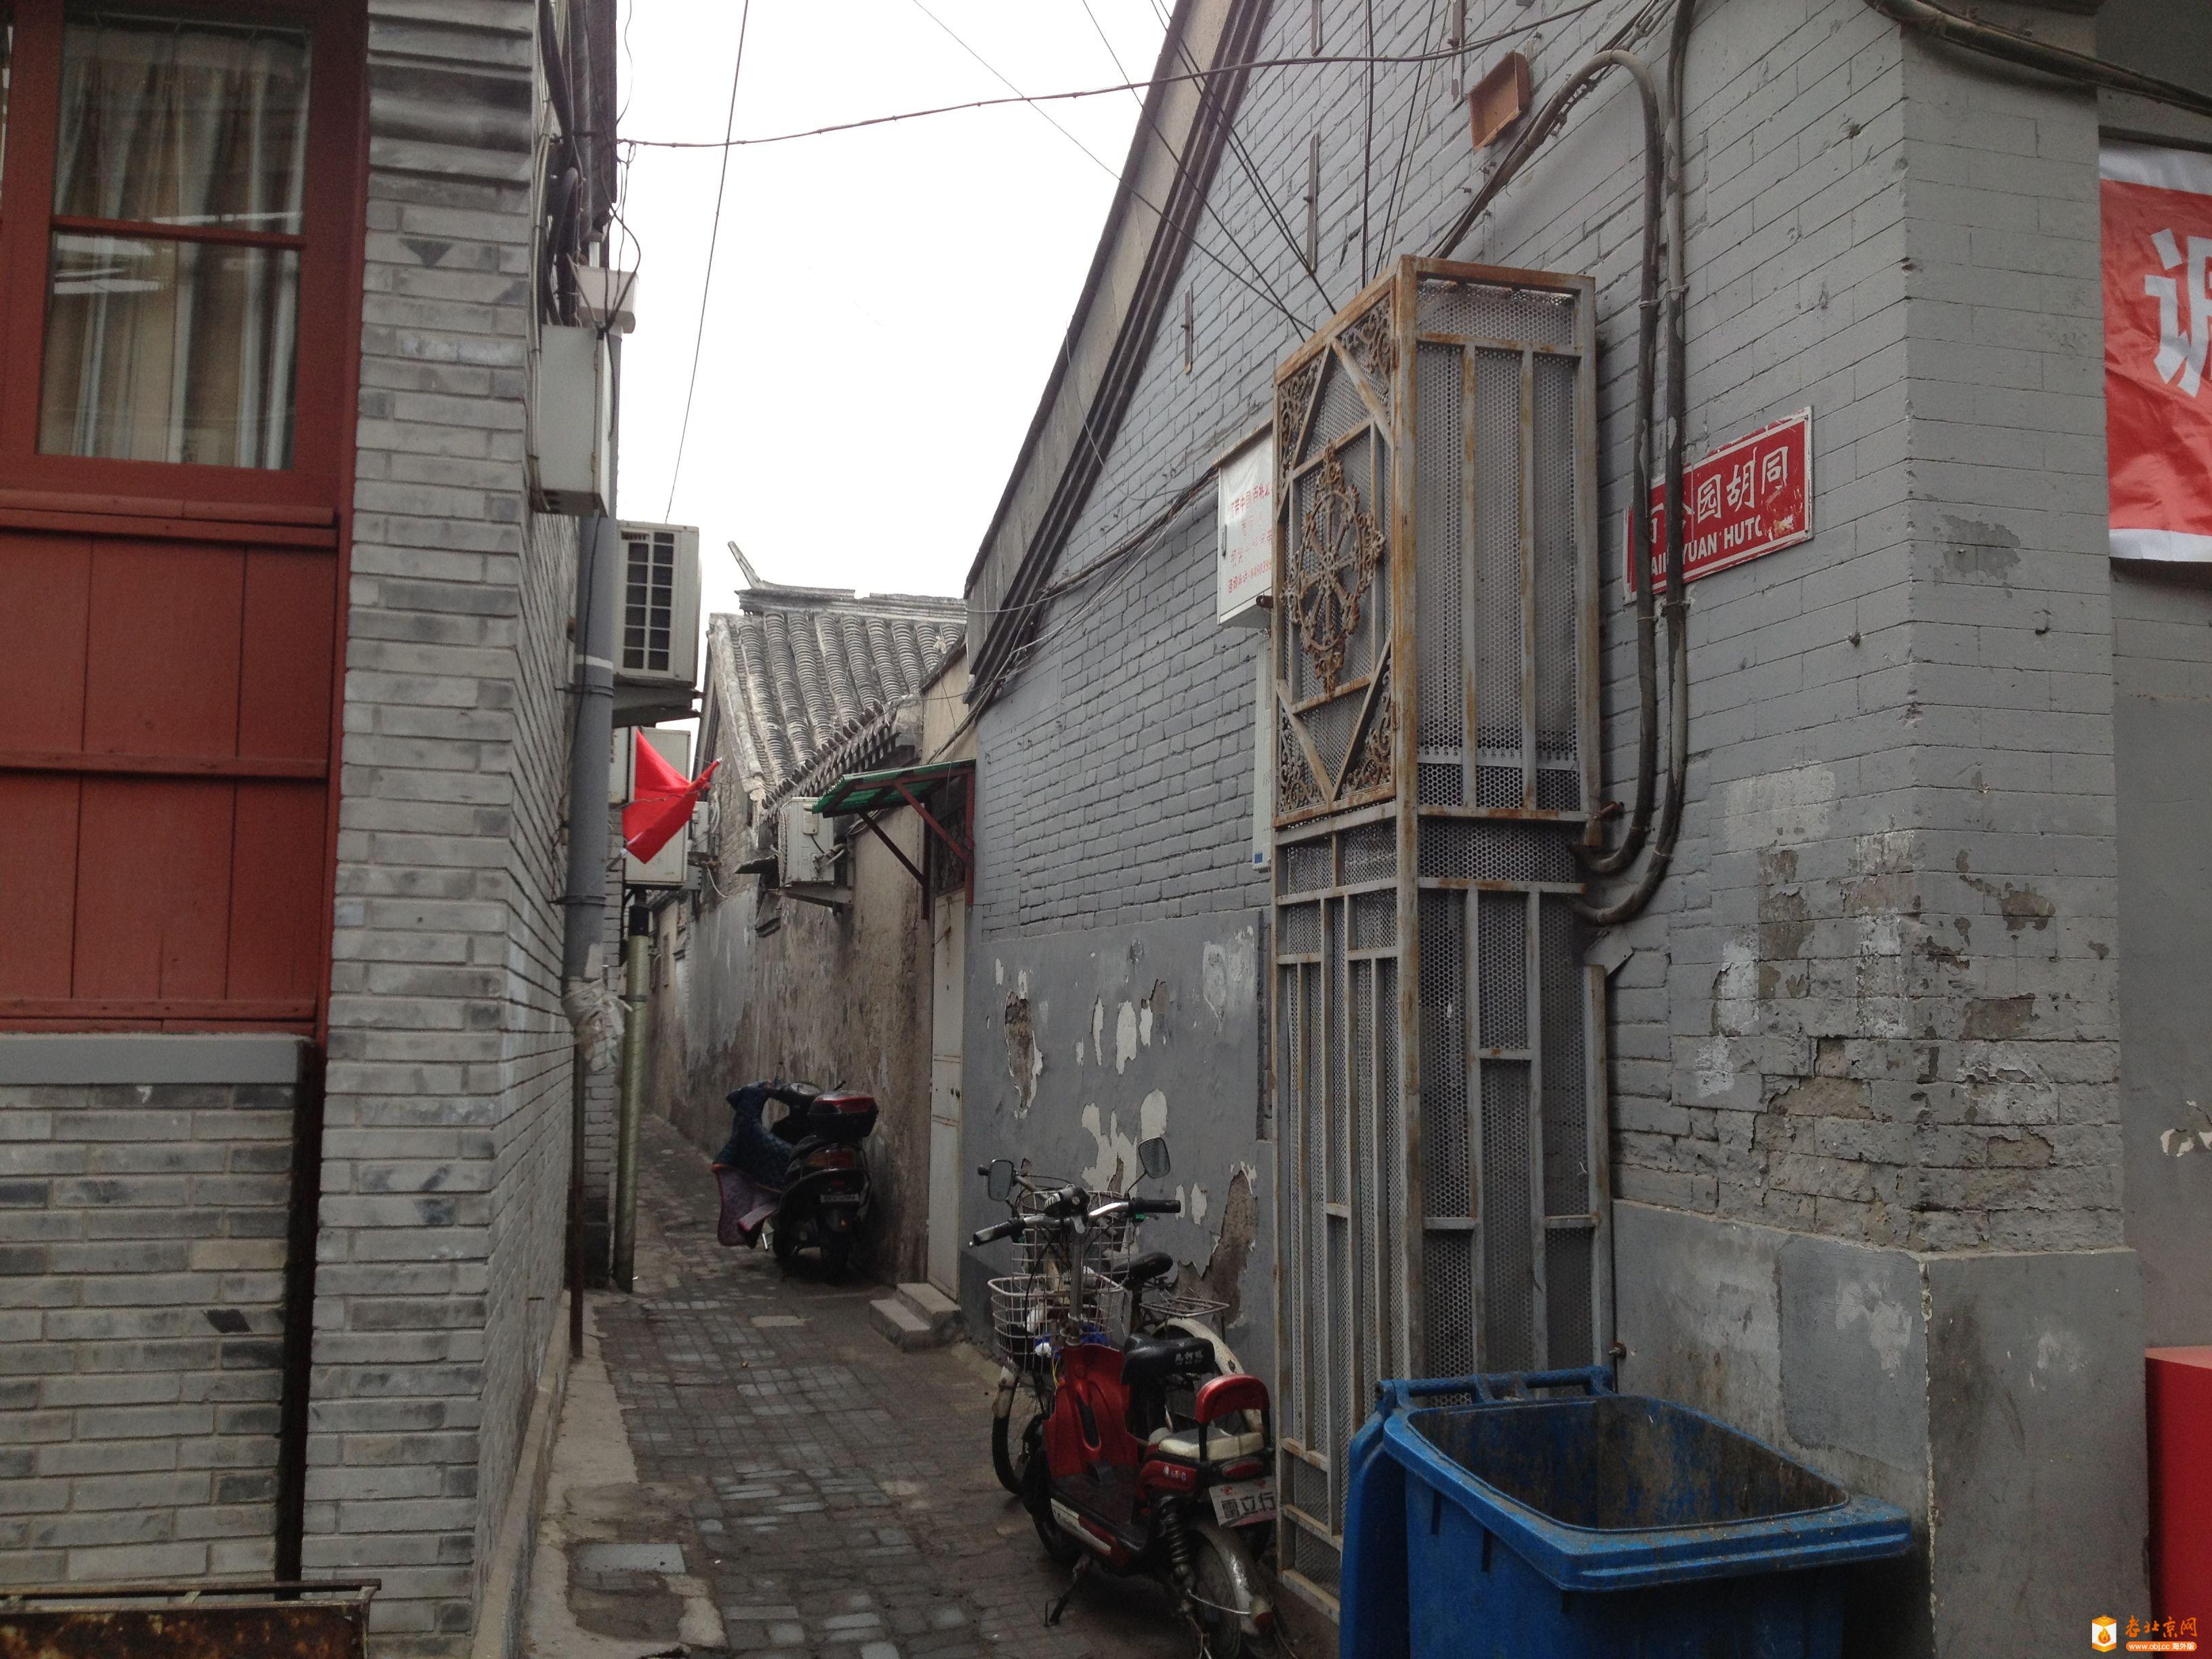 2016年2月11日(丙申年正月初四)下午,从延寿寺街看百合园胡同东口。